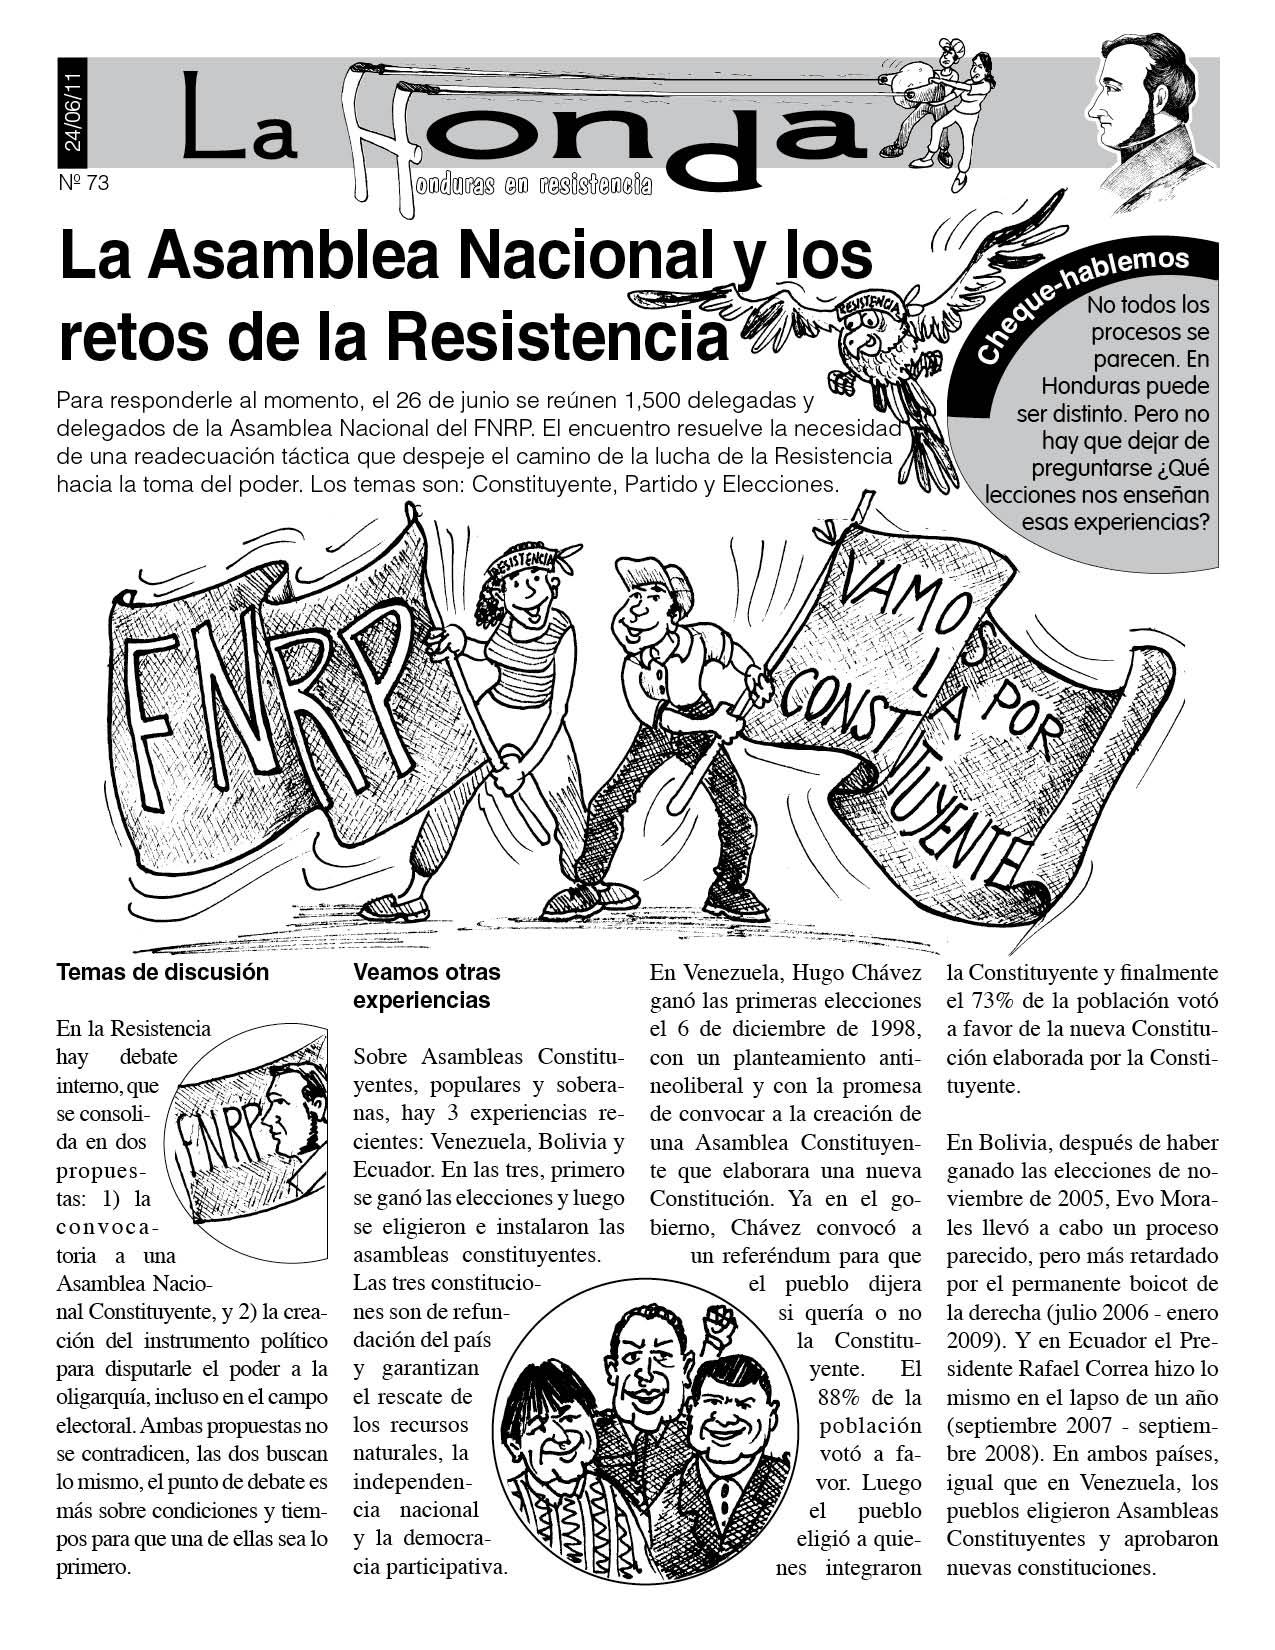 La Honda 73: La Asamblea Nacional y los retos de la Resistencia